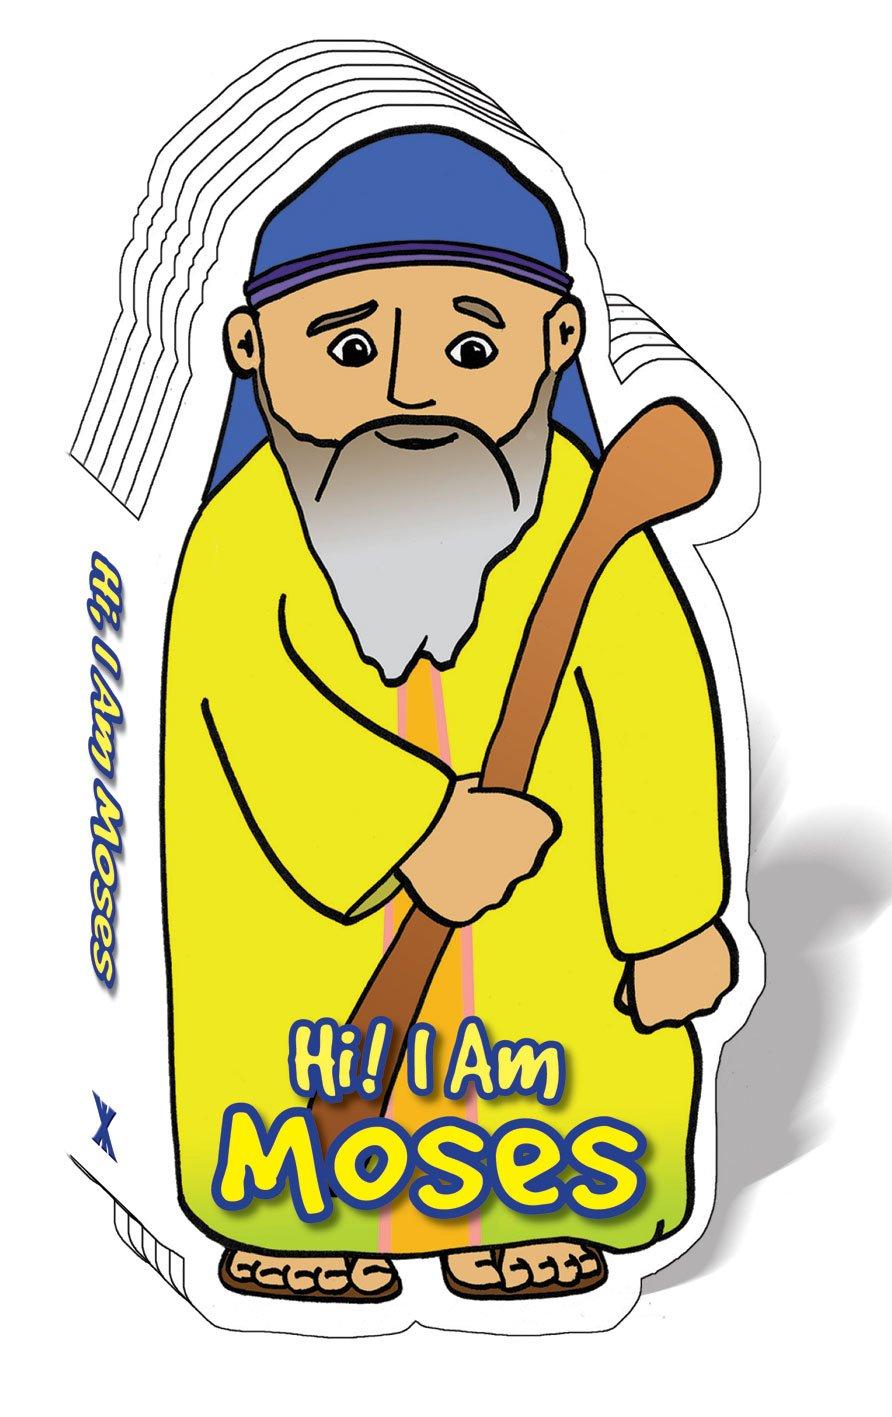 892x1417 Hi! I Am Moses, Moses Basket, Moses Burning Bush, The Story